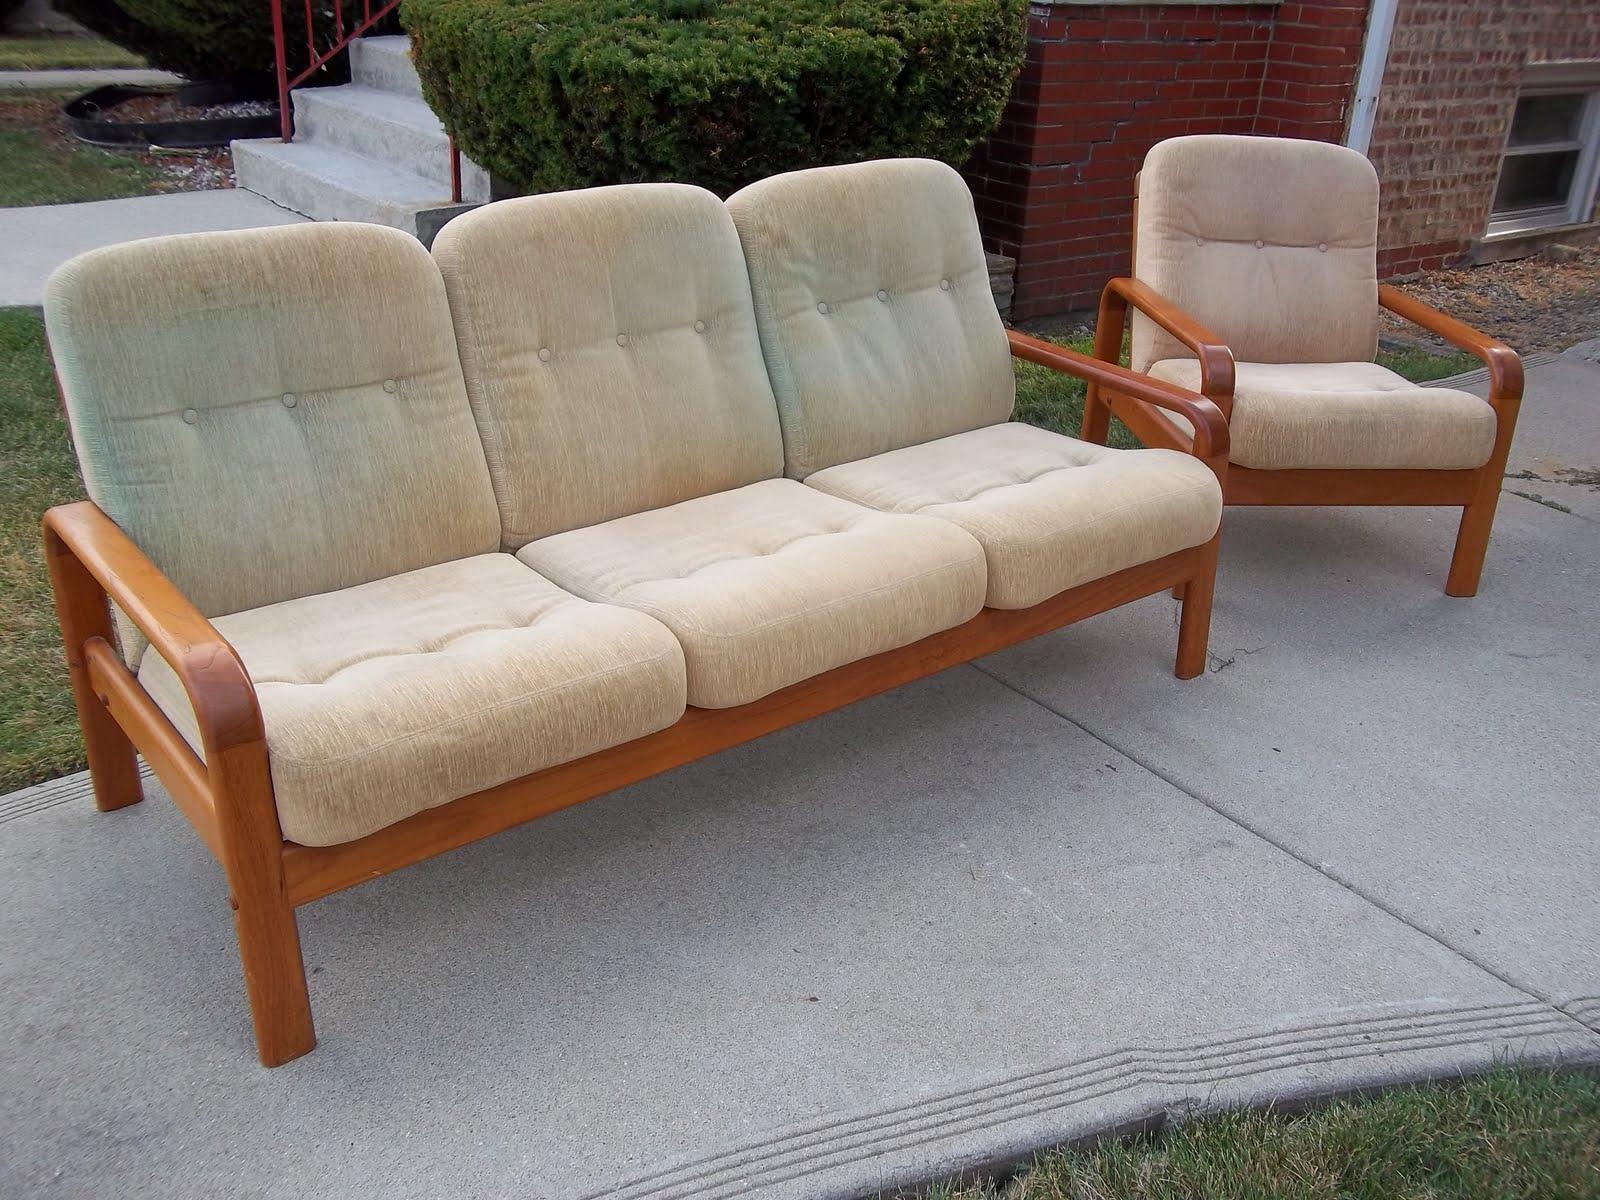 scandinavian designs furniture sofa design. Black Bedroom Furniture Sets. Home Design Ideas